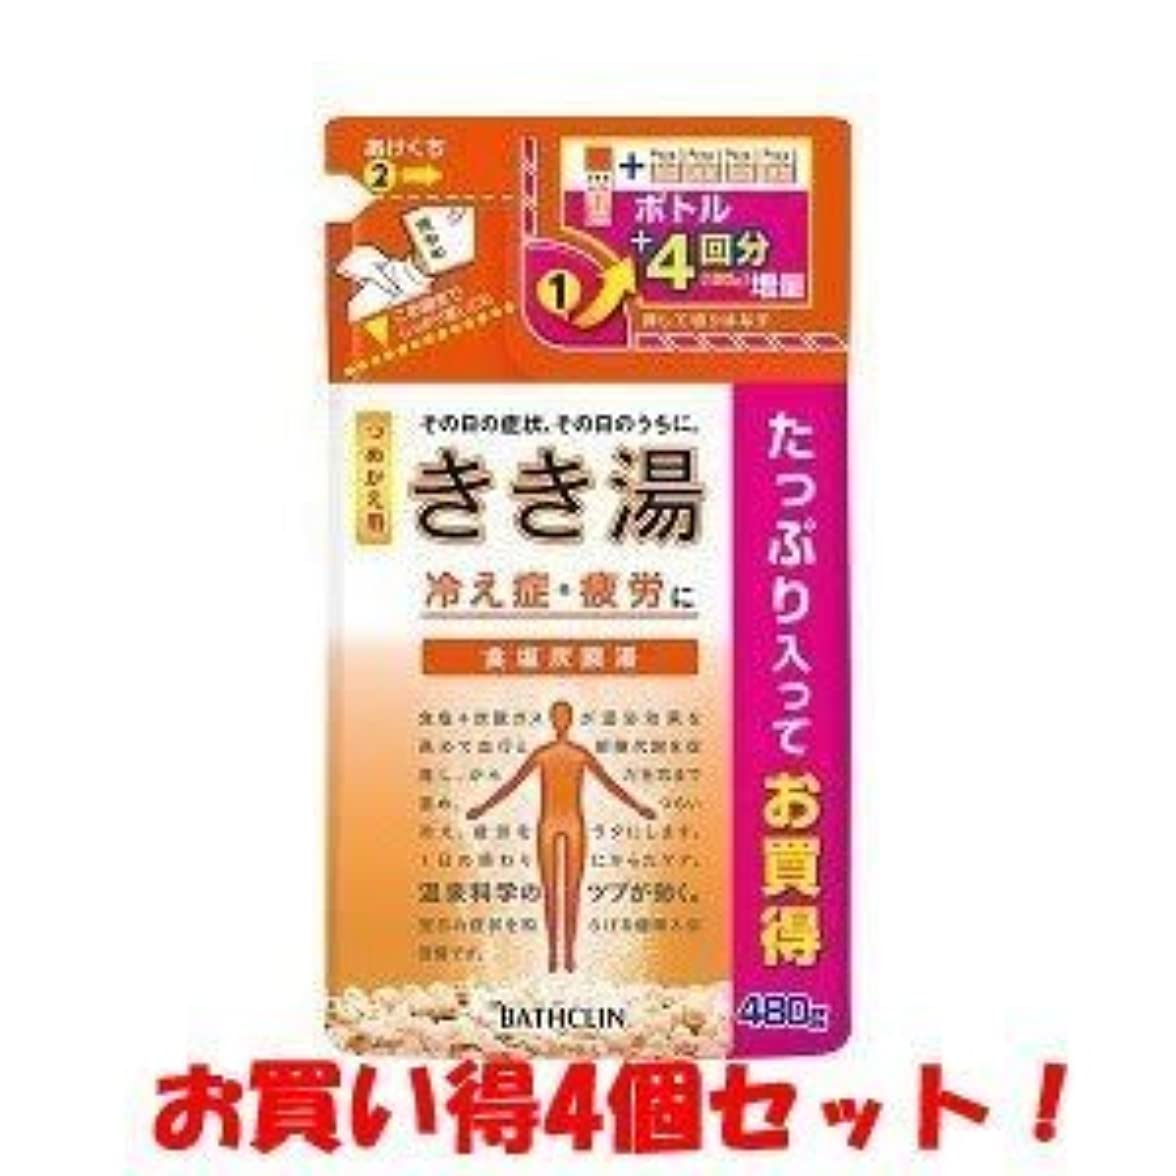 申込みバイオレットしゃがむ(バスクリン)きき湯 食塩炭酸湯 つめかえ用 480g(医薬部外品)(お買い得4個セット)